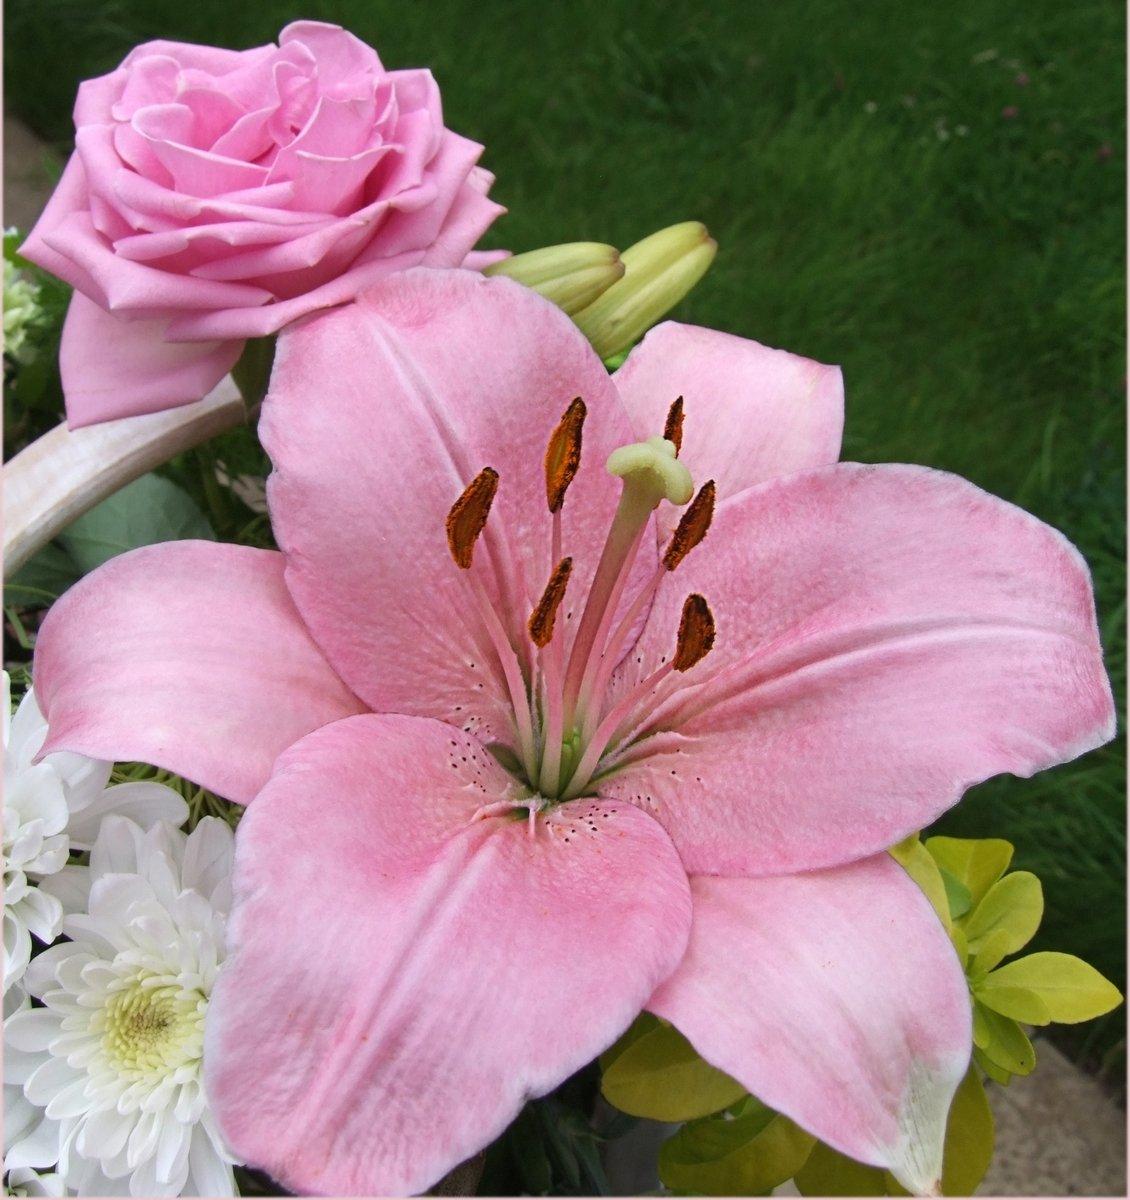 предыдущих лилии картинки розовые розы помощью, можно